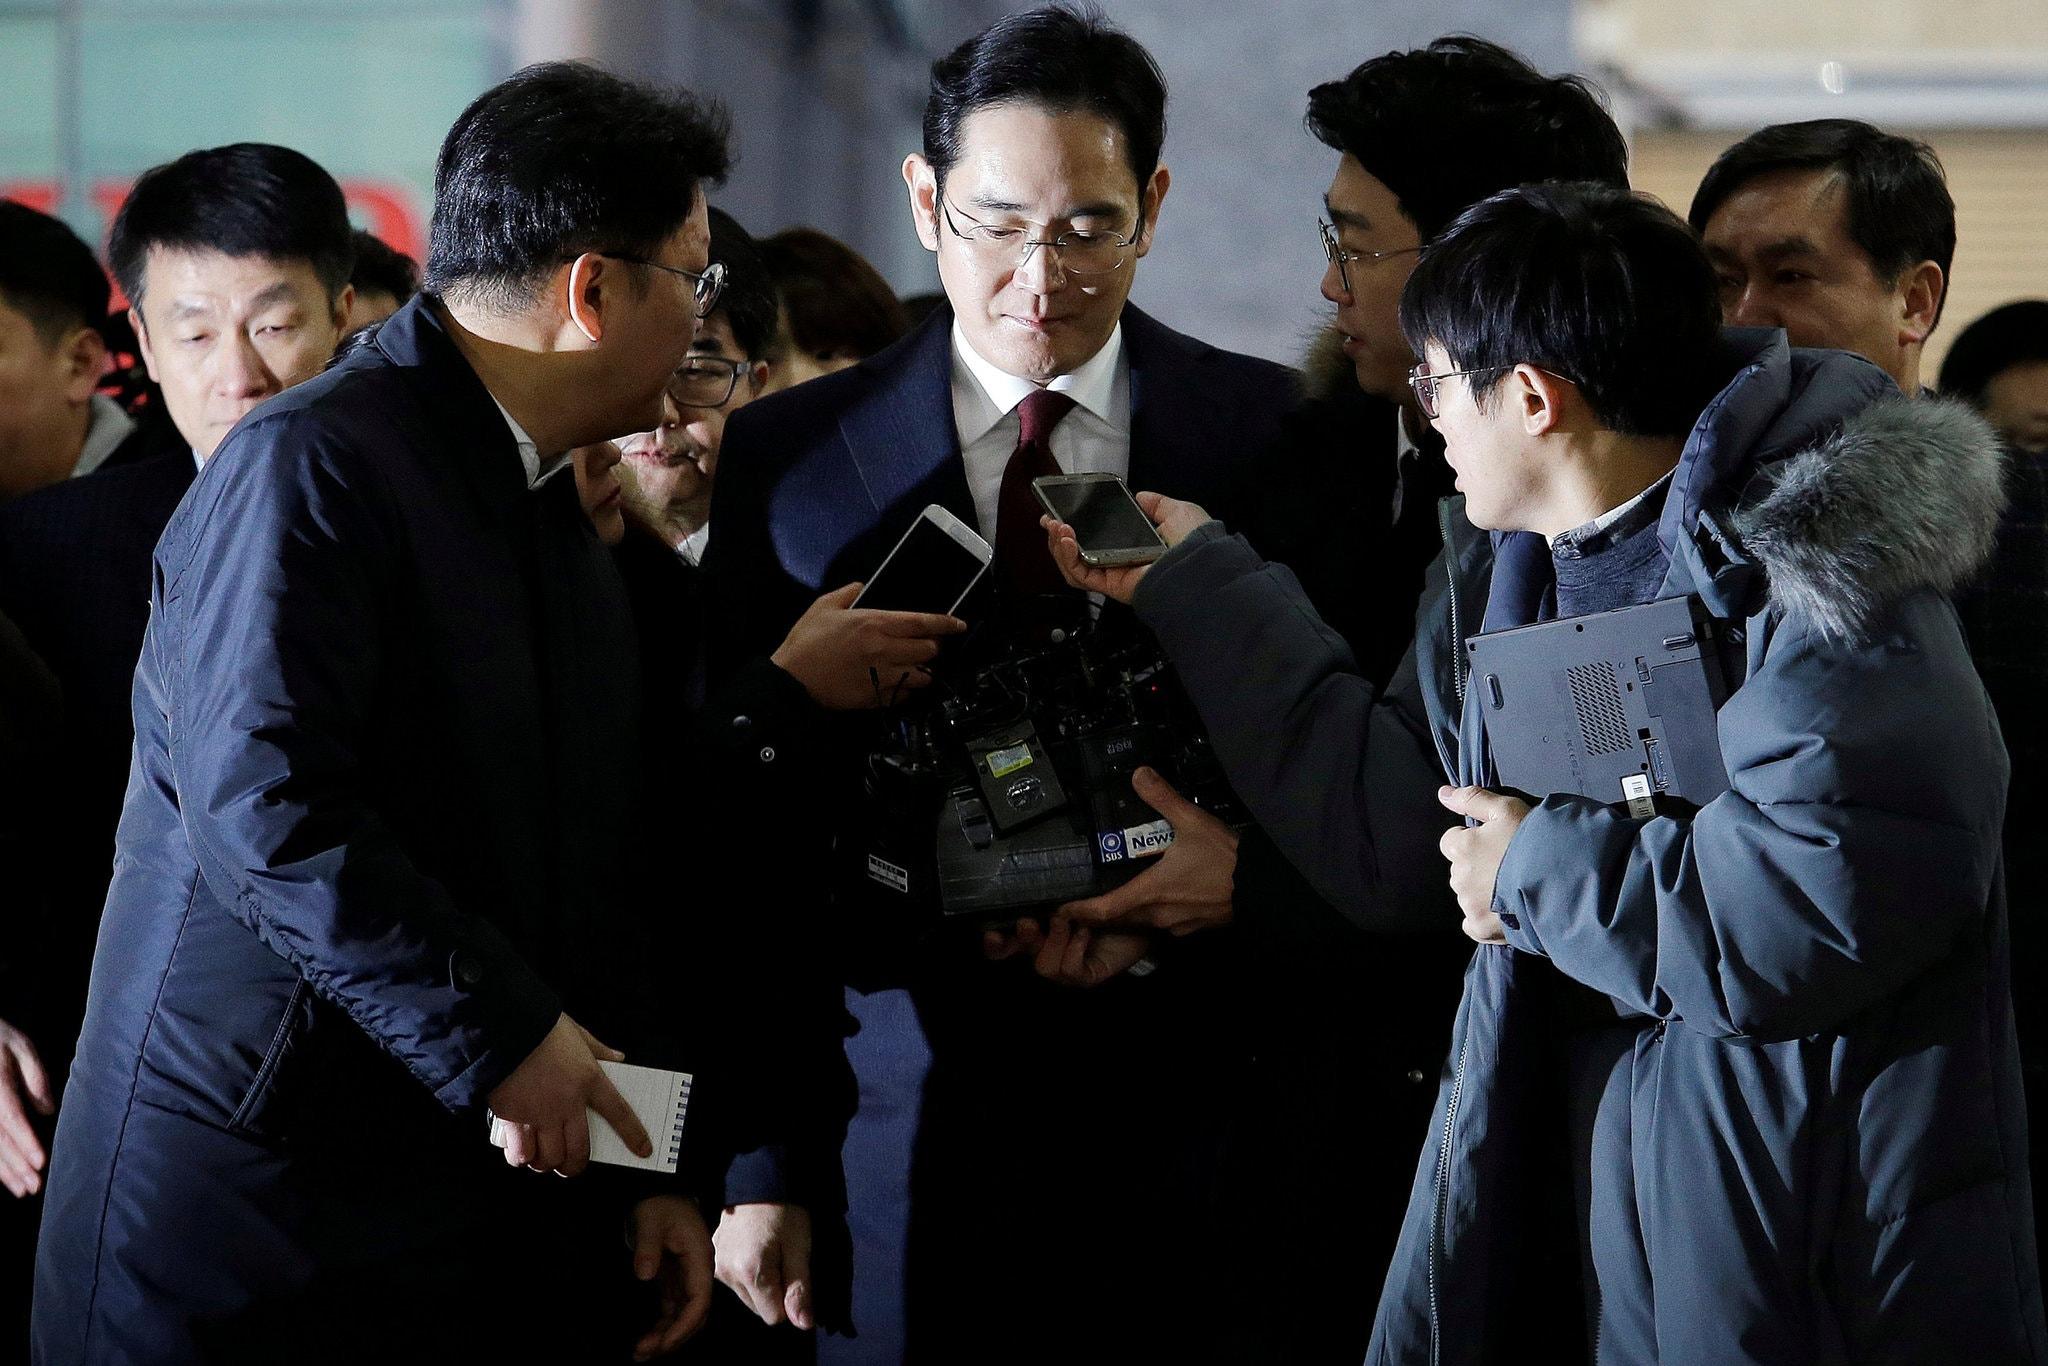 Phó Chủ tịch Samsung Electronics Lee Jae-yong đang trong thời gian chờ phán quyết của Tòa án tối cao.